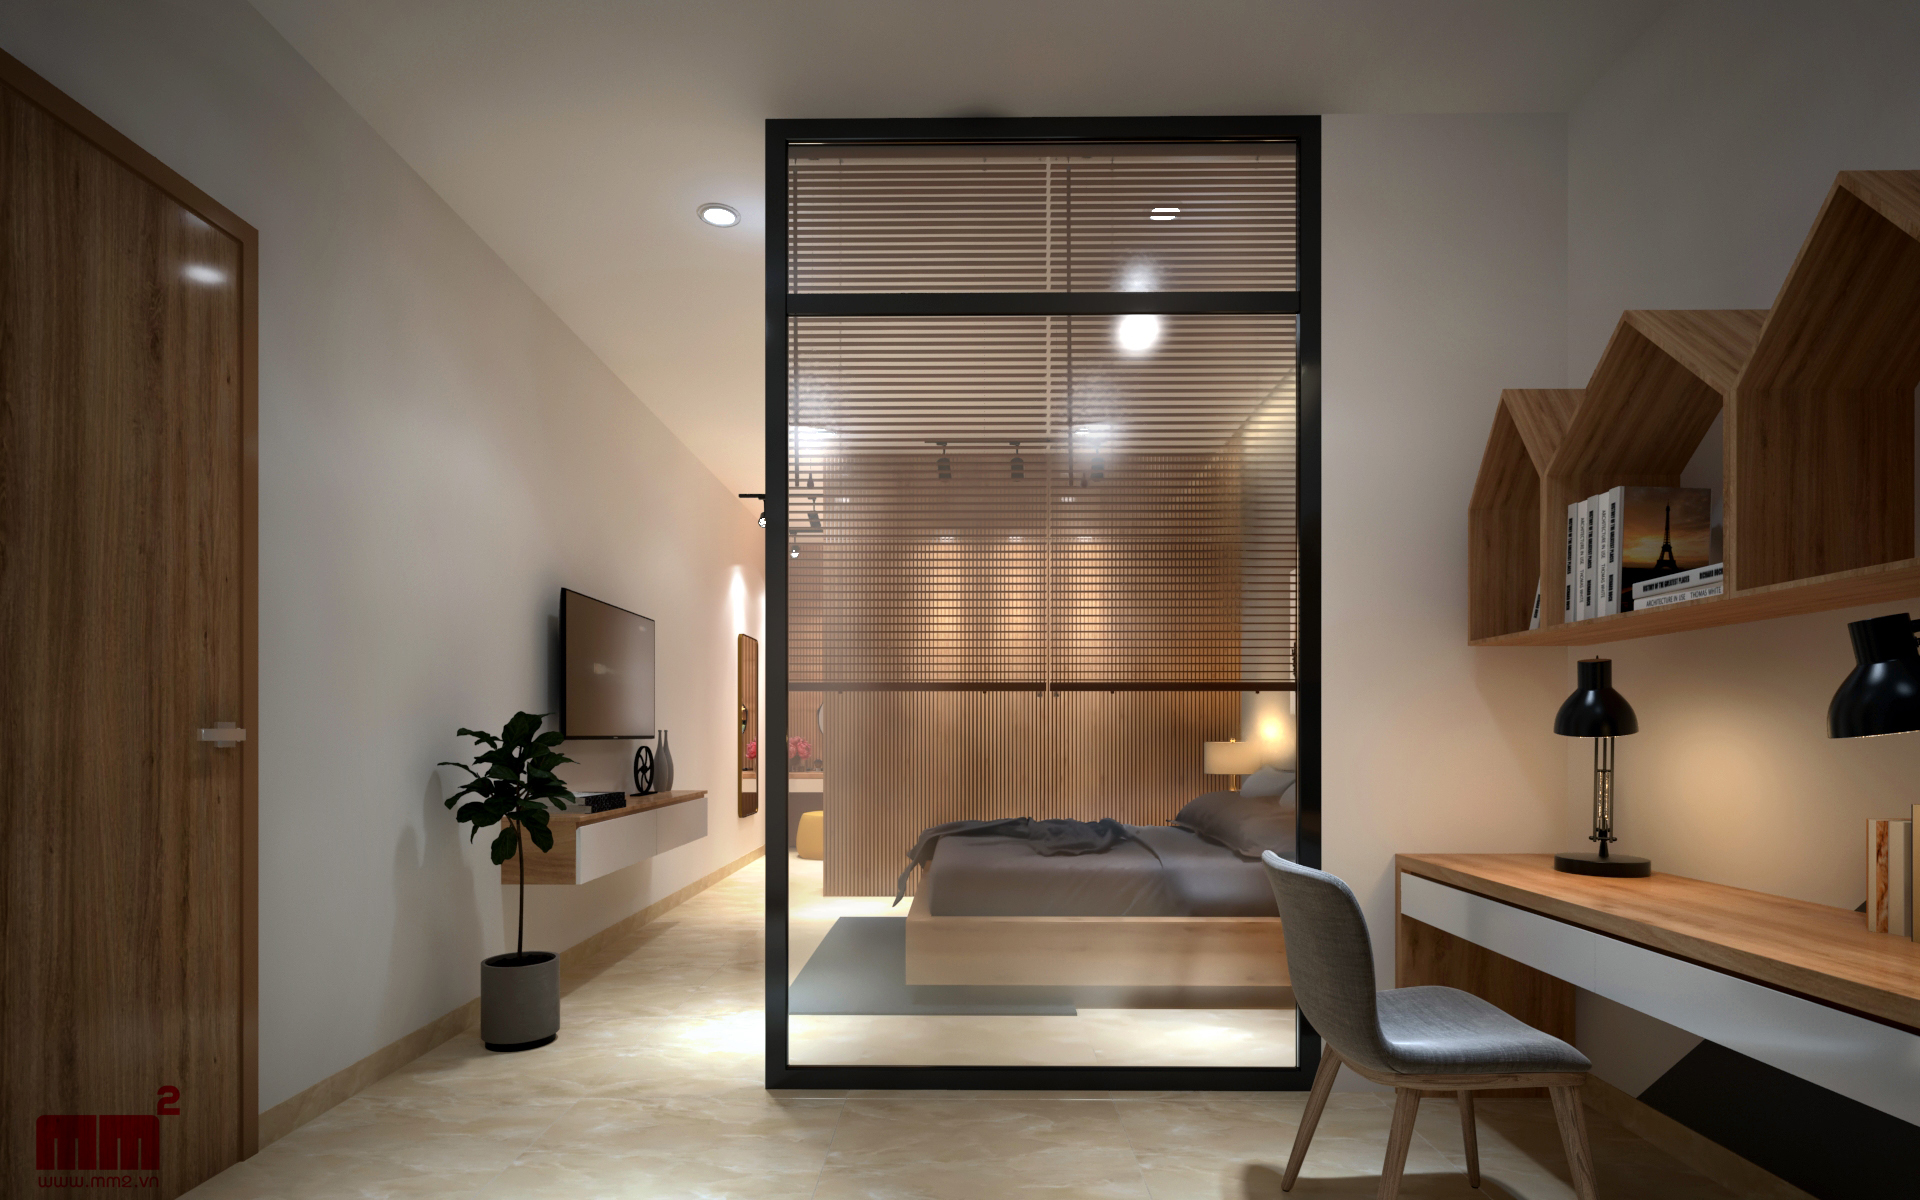 Thiết kế thi công nội thất phòng ngủ kiểu 2